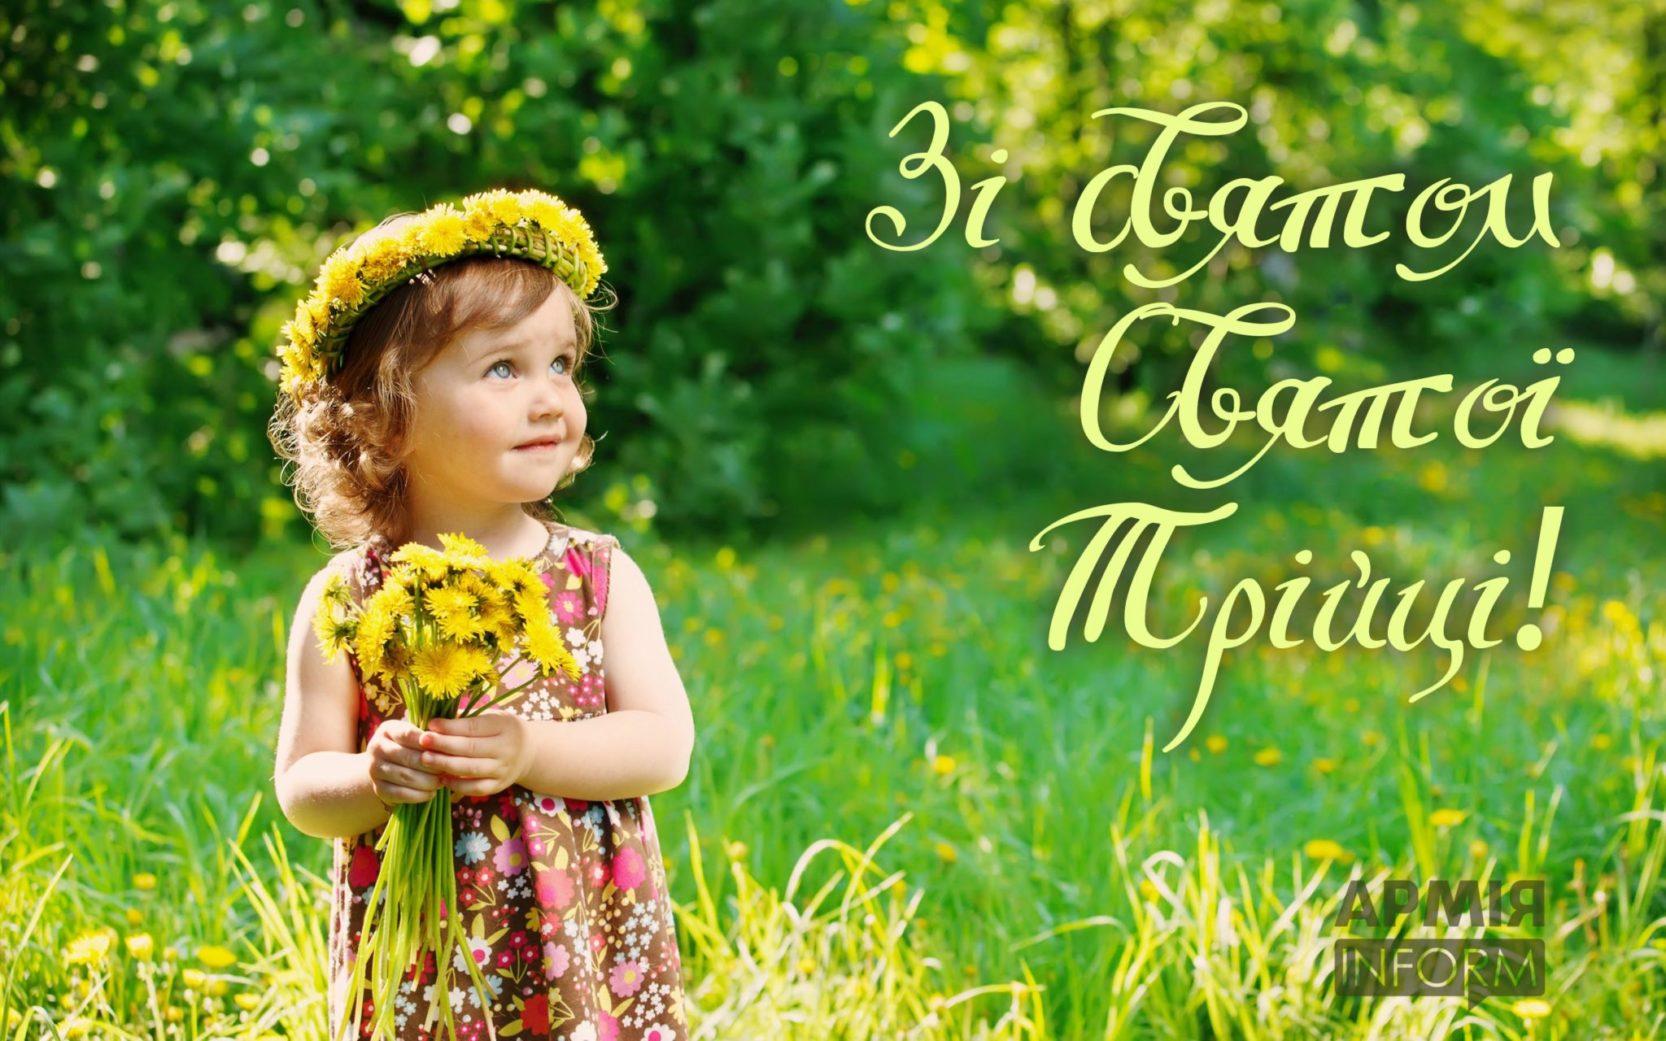 Сьогодні християни відзначають День Святої Трійці